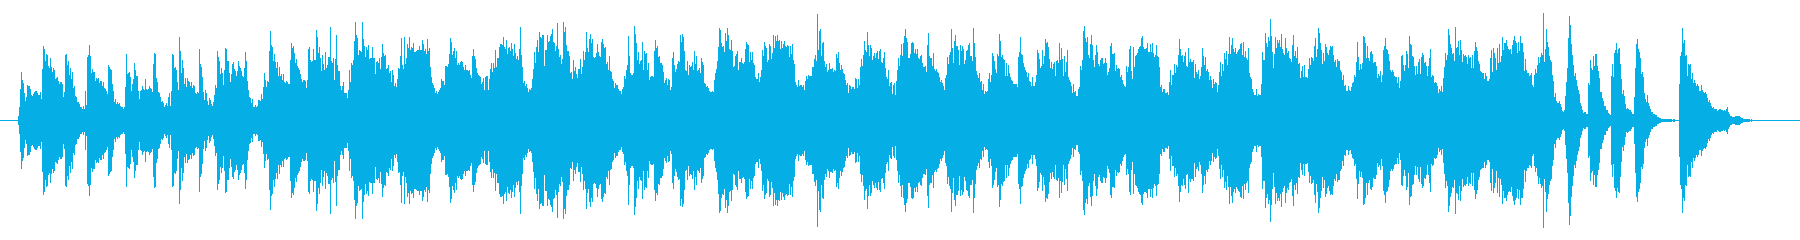 クールな商品紹介向けアコギBGMの再生済みの波形